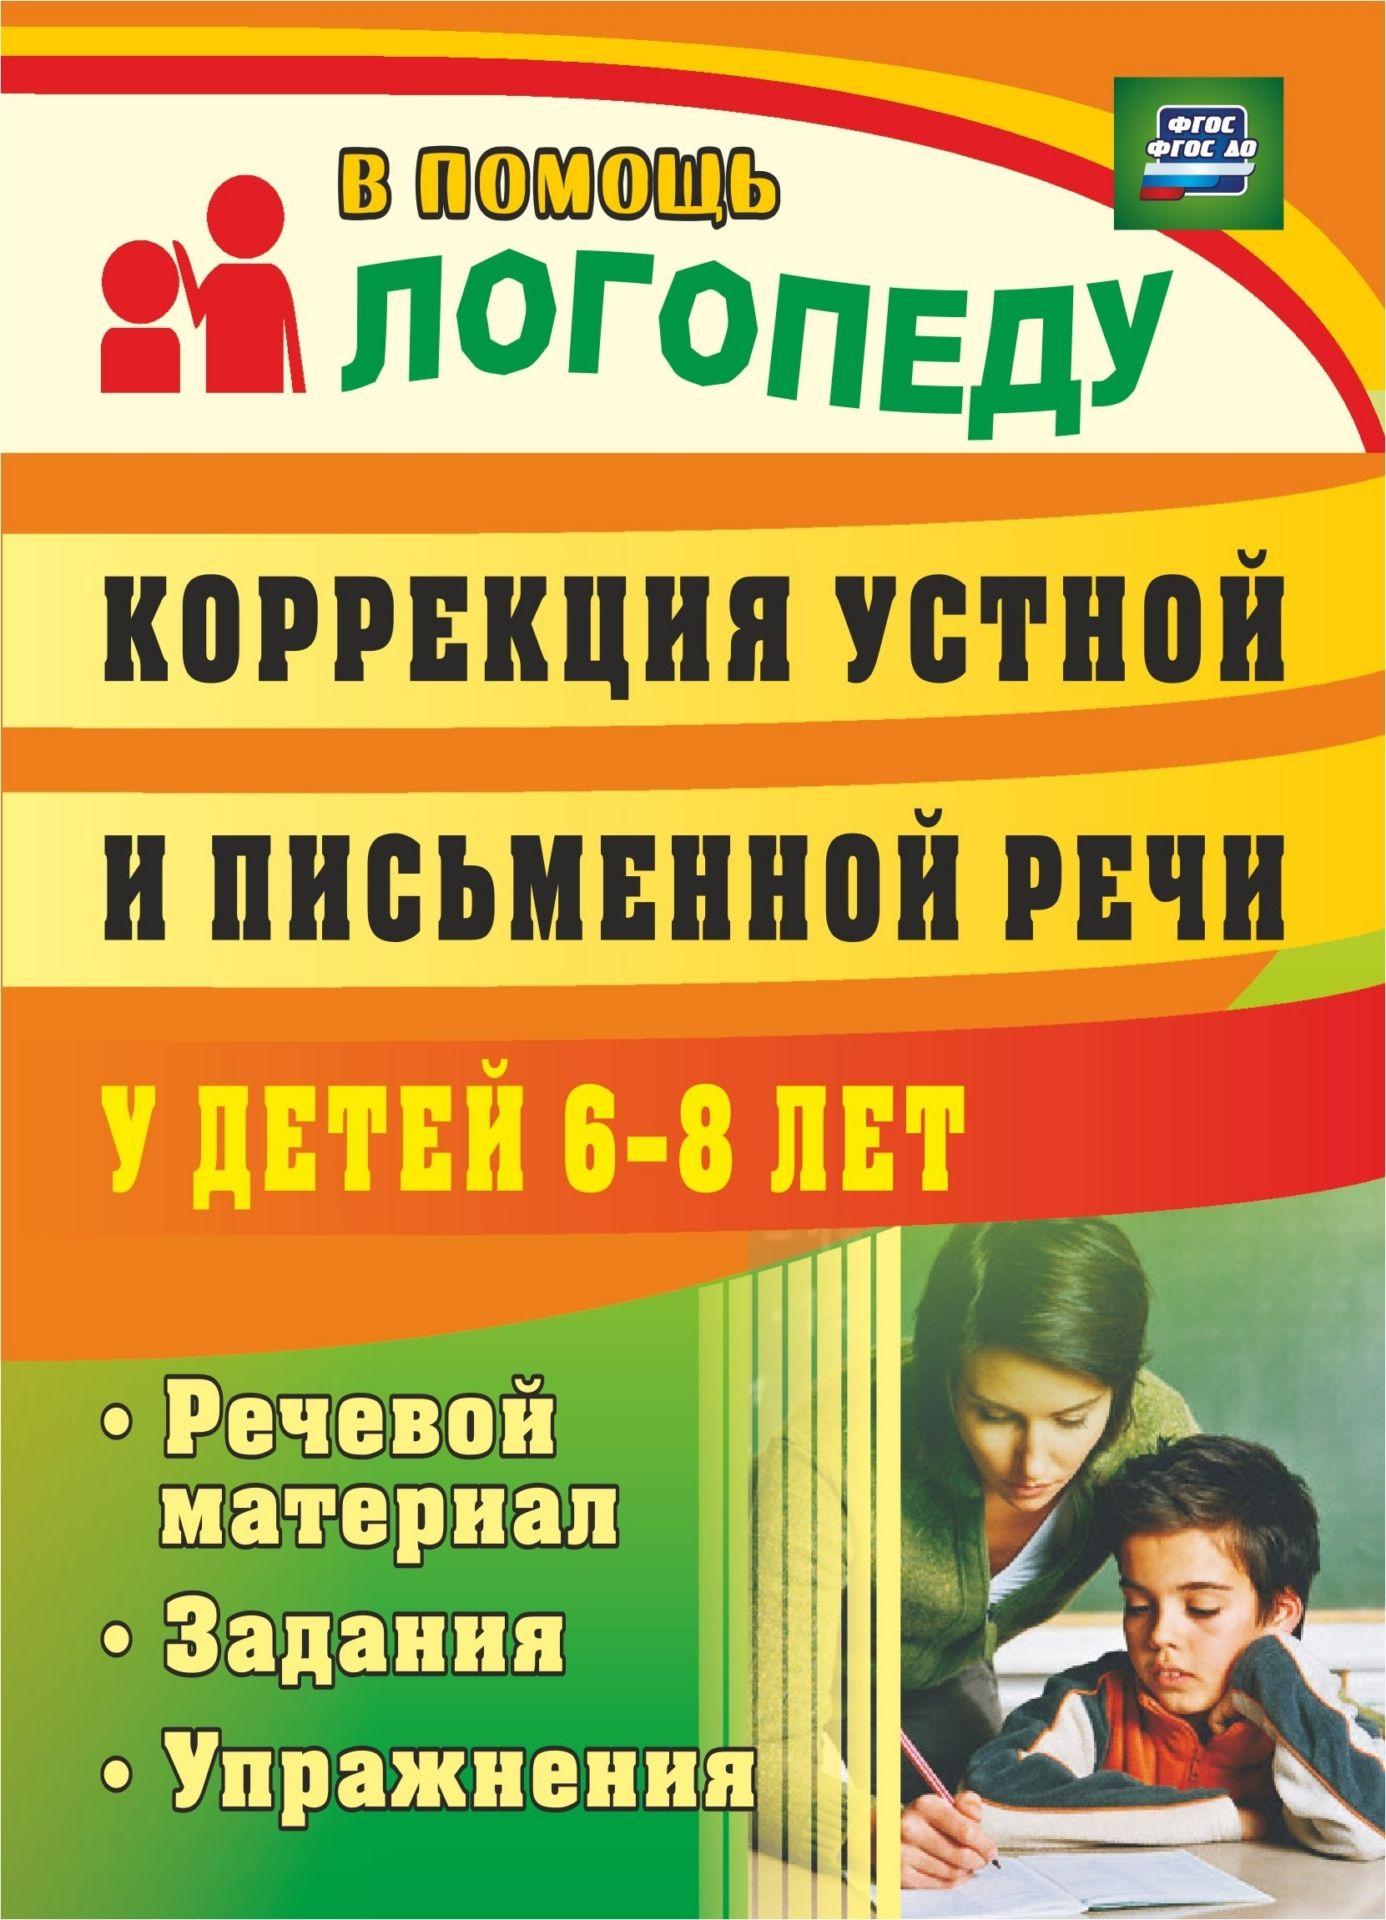 Коррекция устной и письменной речи у детей 6-8 лет: речевой материал, задания, упражнения